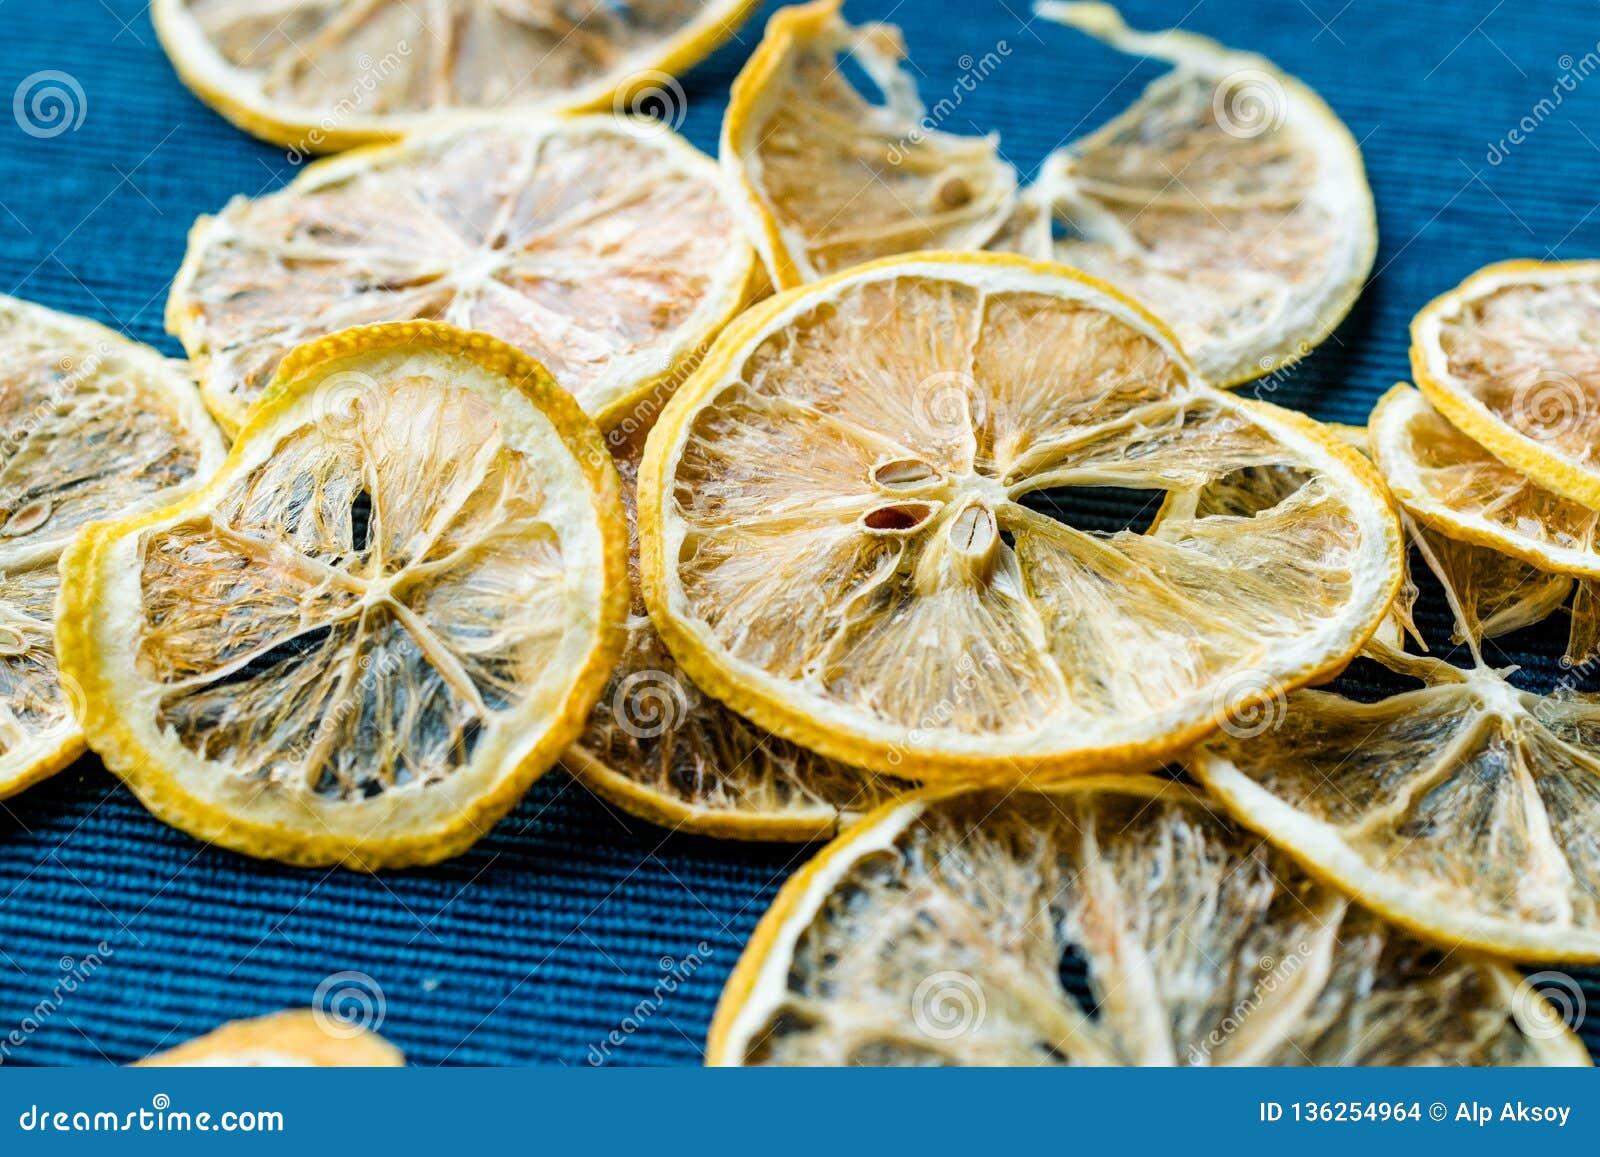 Стог высушенных кусков лимона на голубой поверхности/сухой и отрезать